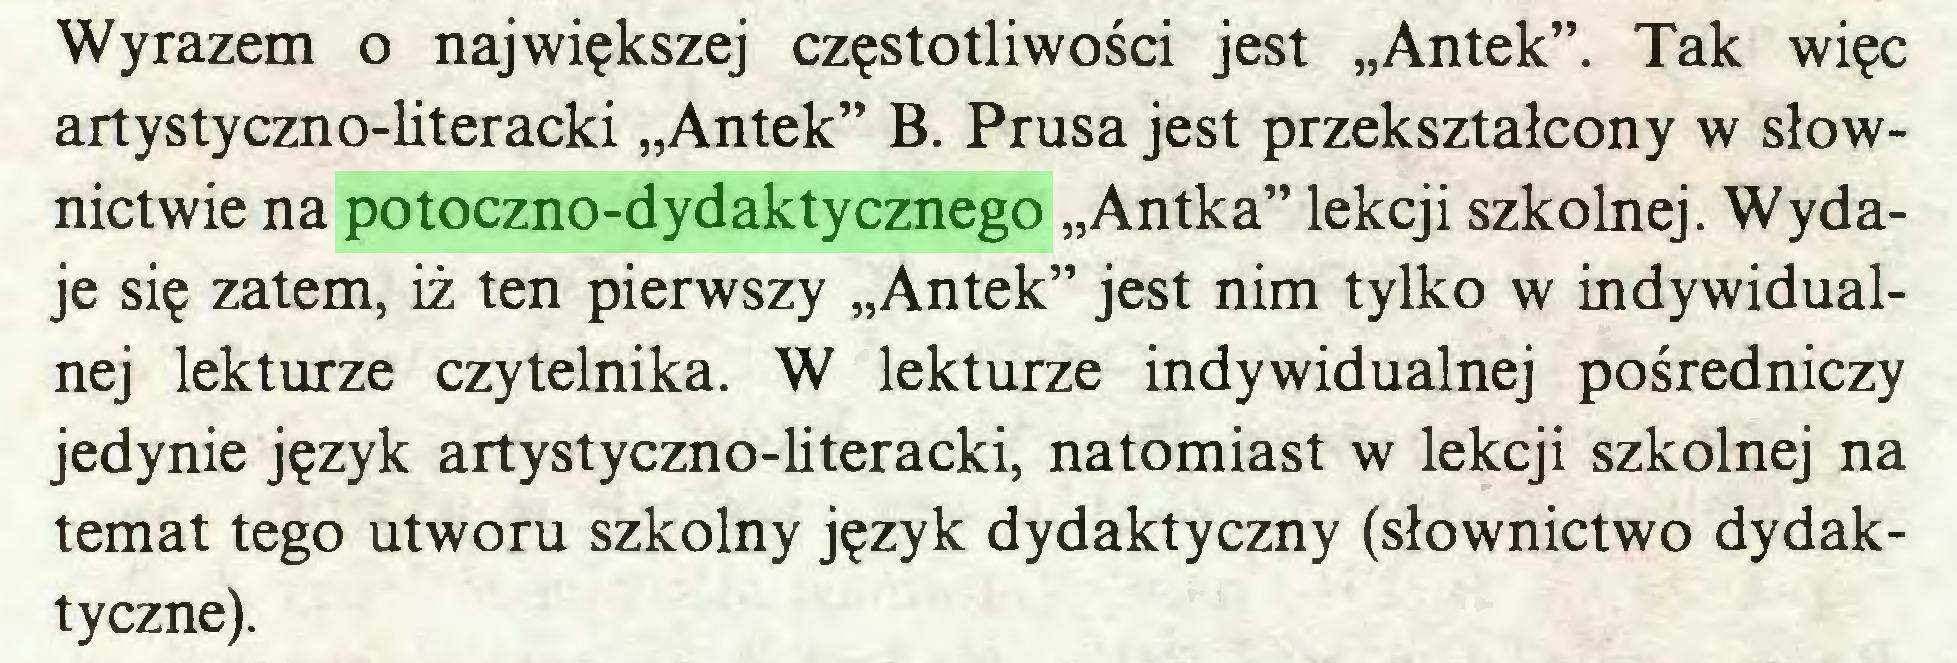 """(...) Wyrazem o największej częstotliwości jest """"Antek"""". Tak więc artystyczno-literacki """"Antek"""" B. Prusa jest przekształcony w słownictwie na potoczno-dydaktycznego """"Antka"""" lekcji szkolnej. Wydaje się zatem, iż ten pierwszy """"Antek"""" jest nim tylko w indywidualnej lekturze czytelnika. W lekturze indywidualnej pośredniczy jedynie język artystyczno-literacki, natomiast w lekcji szkolnej na temat tego utworu szkolny język dydaktyczny (słownictwo dydaktyczne)..."""